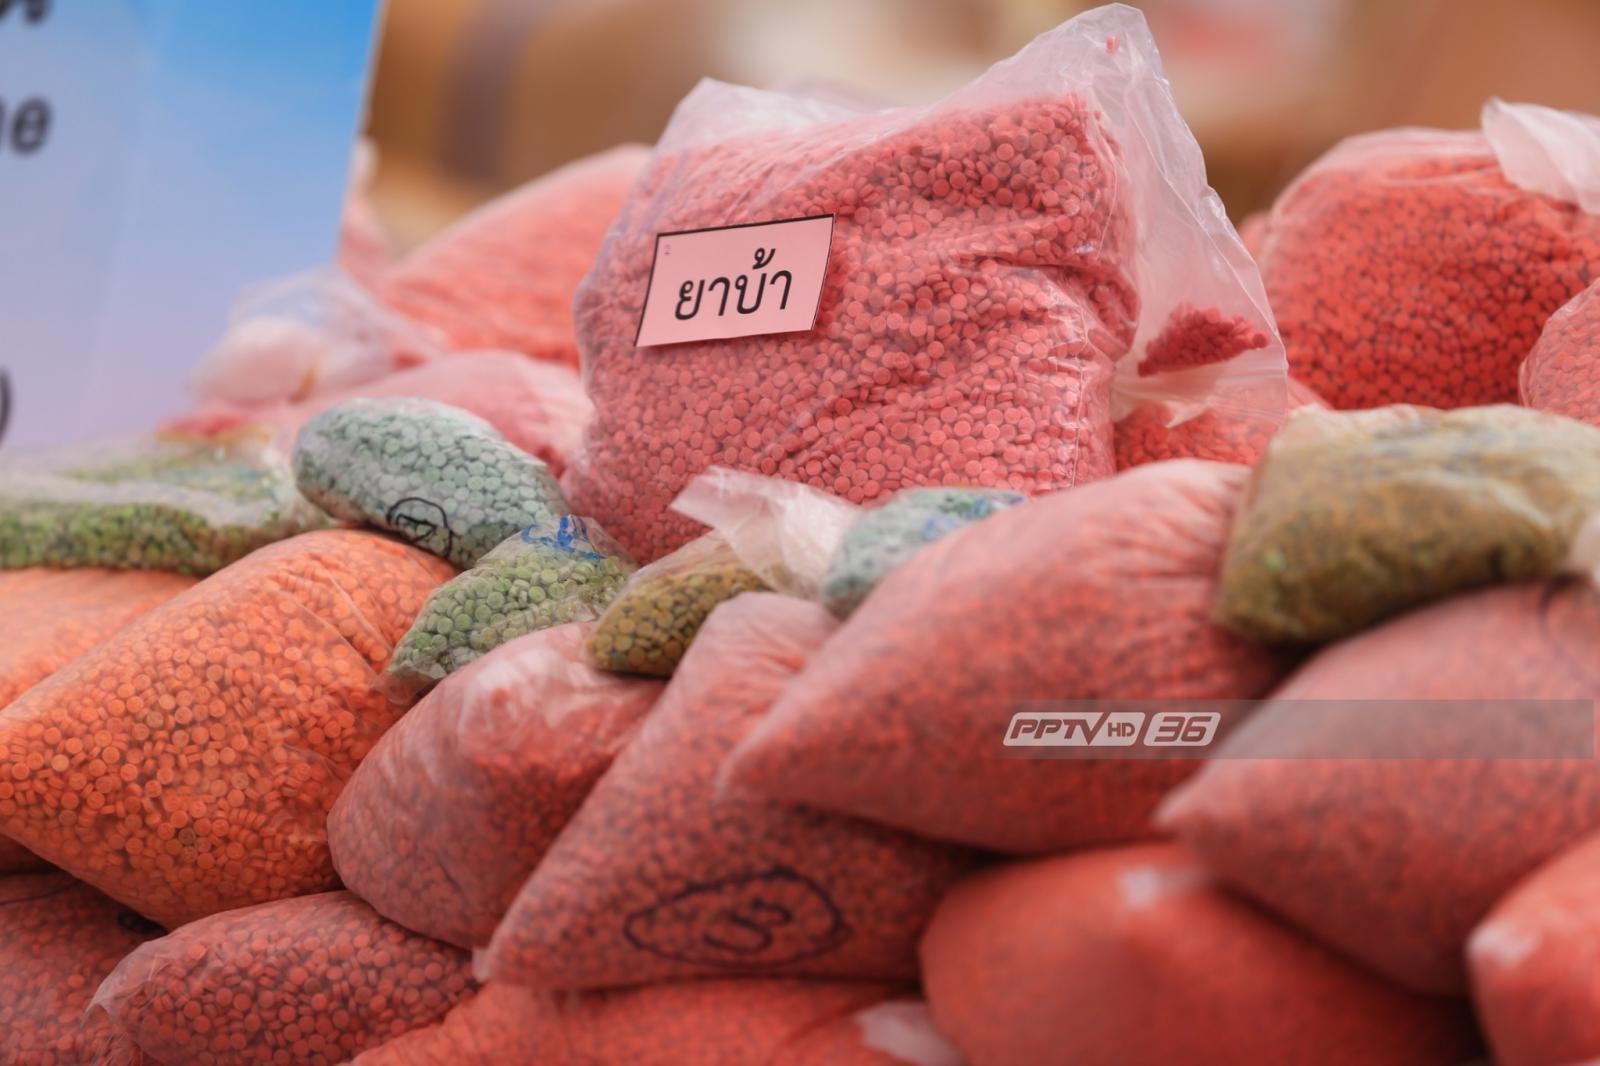 ยูเอ็น เผยธุรกิจยาบ้าเฟื่องฟู มูลค่าตลาดในเอเชีย อาจสูงถึง 2 ล้านล้านบาท